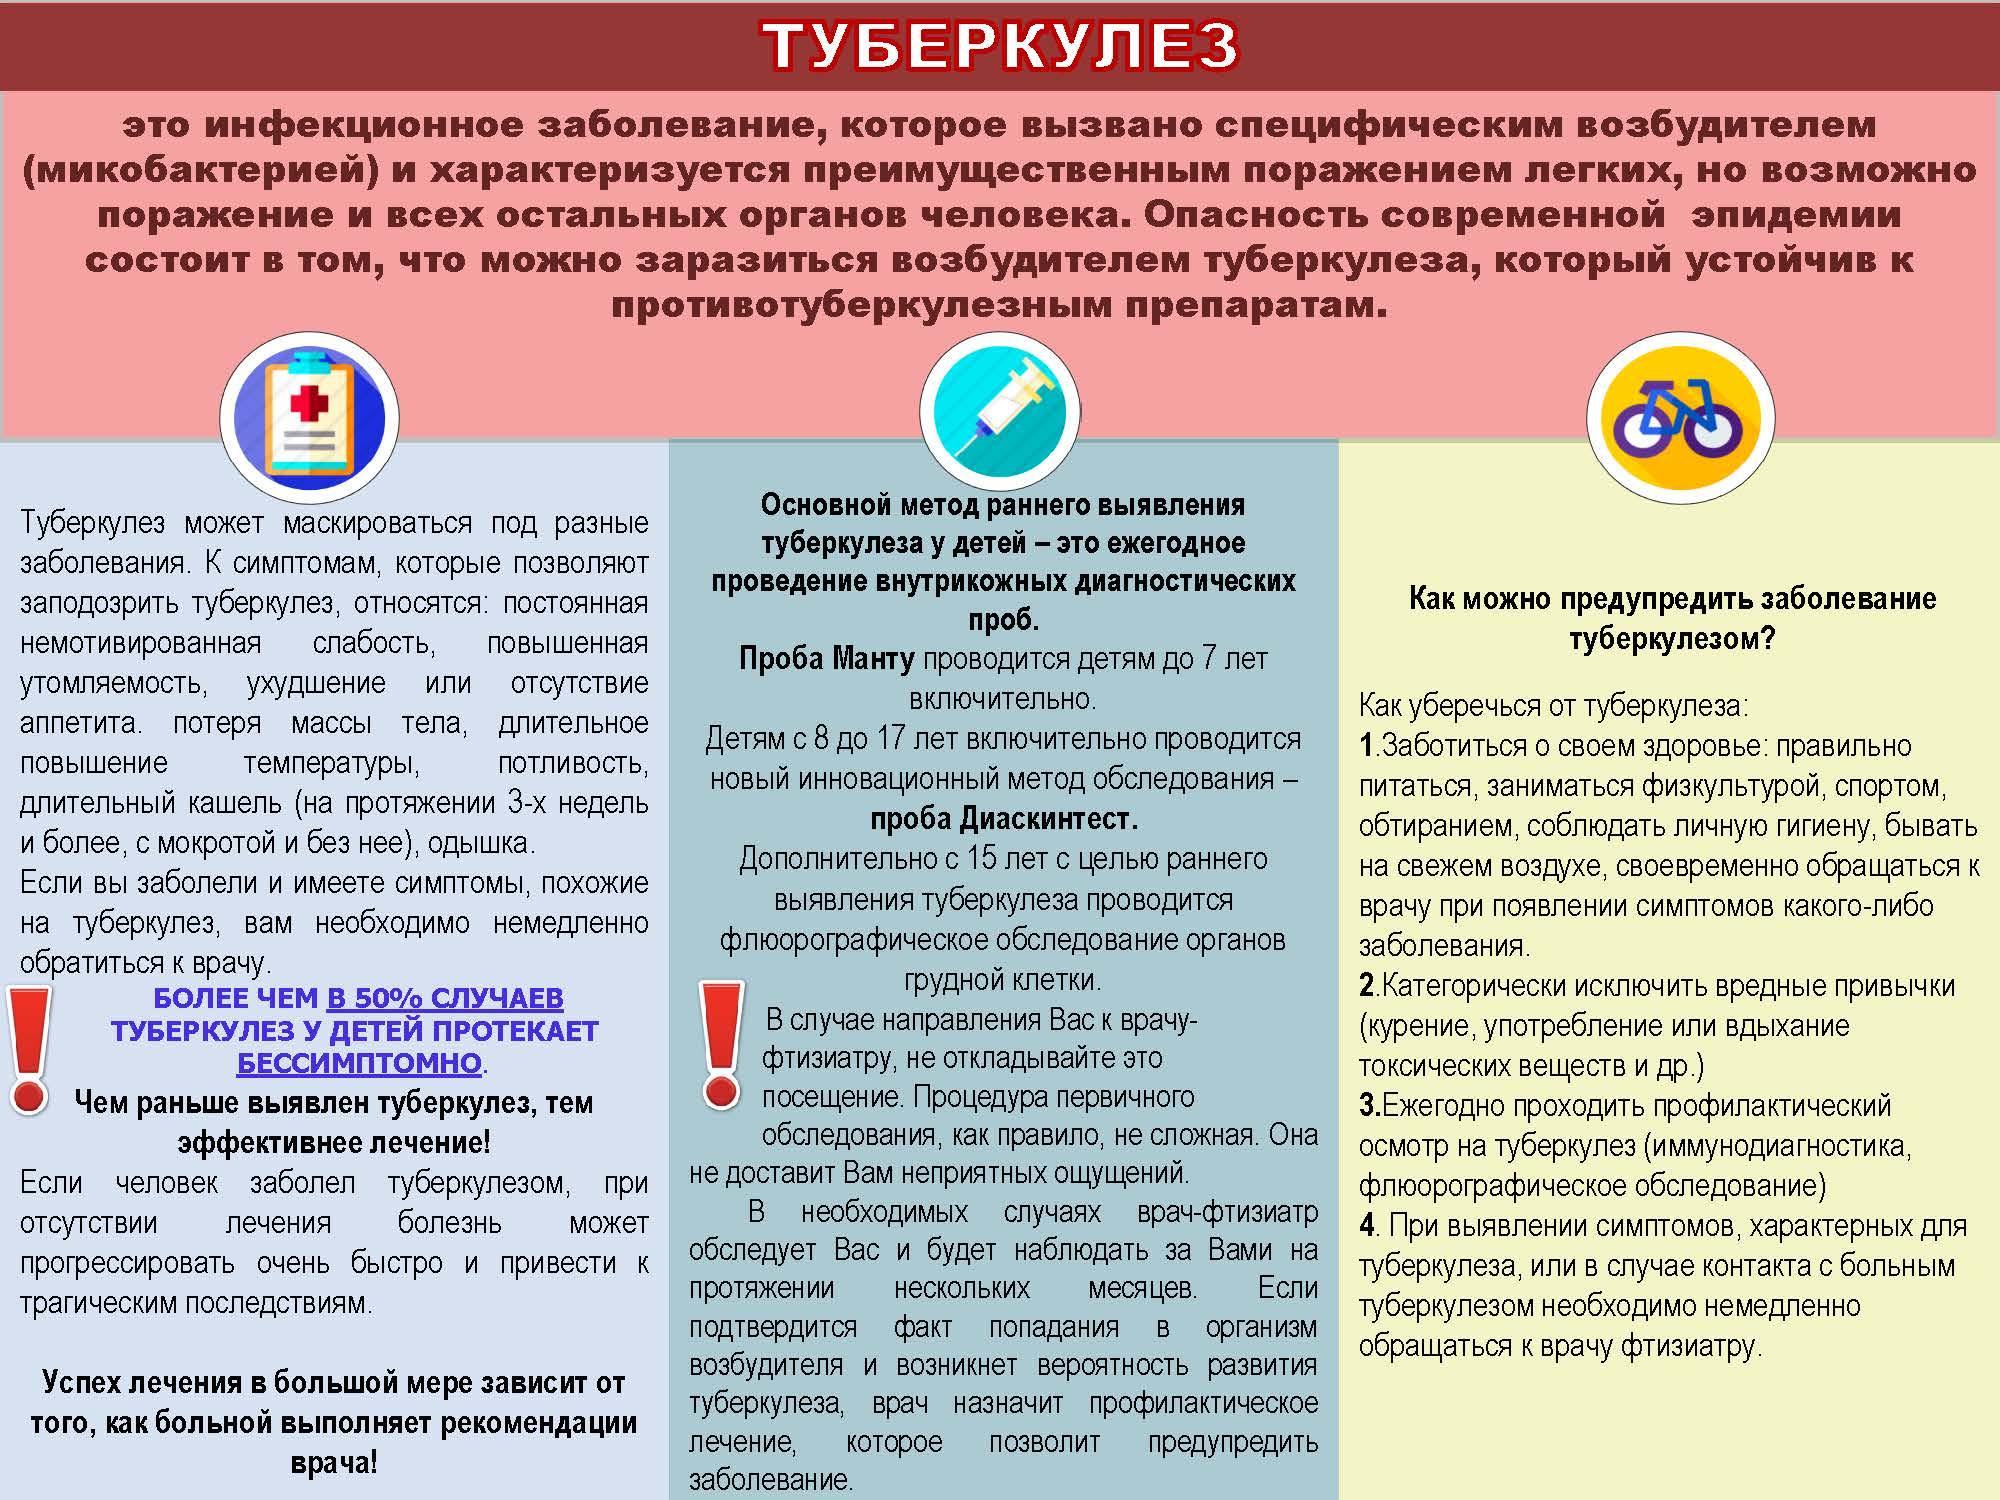 Предупреждение туберкулёза у детей и подростков